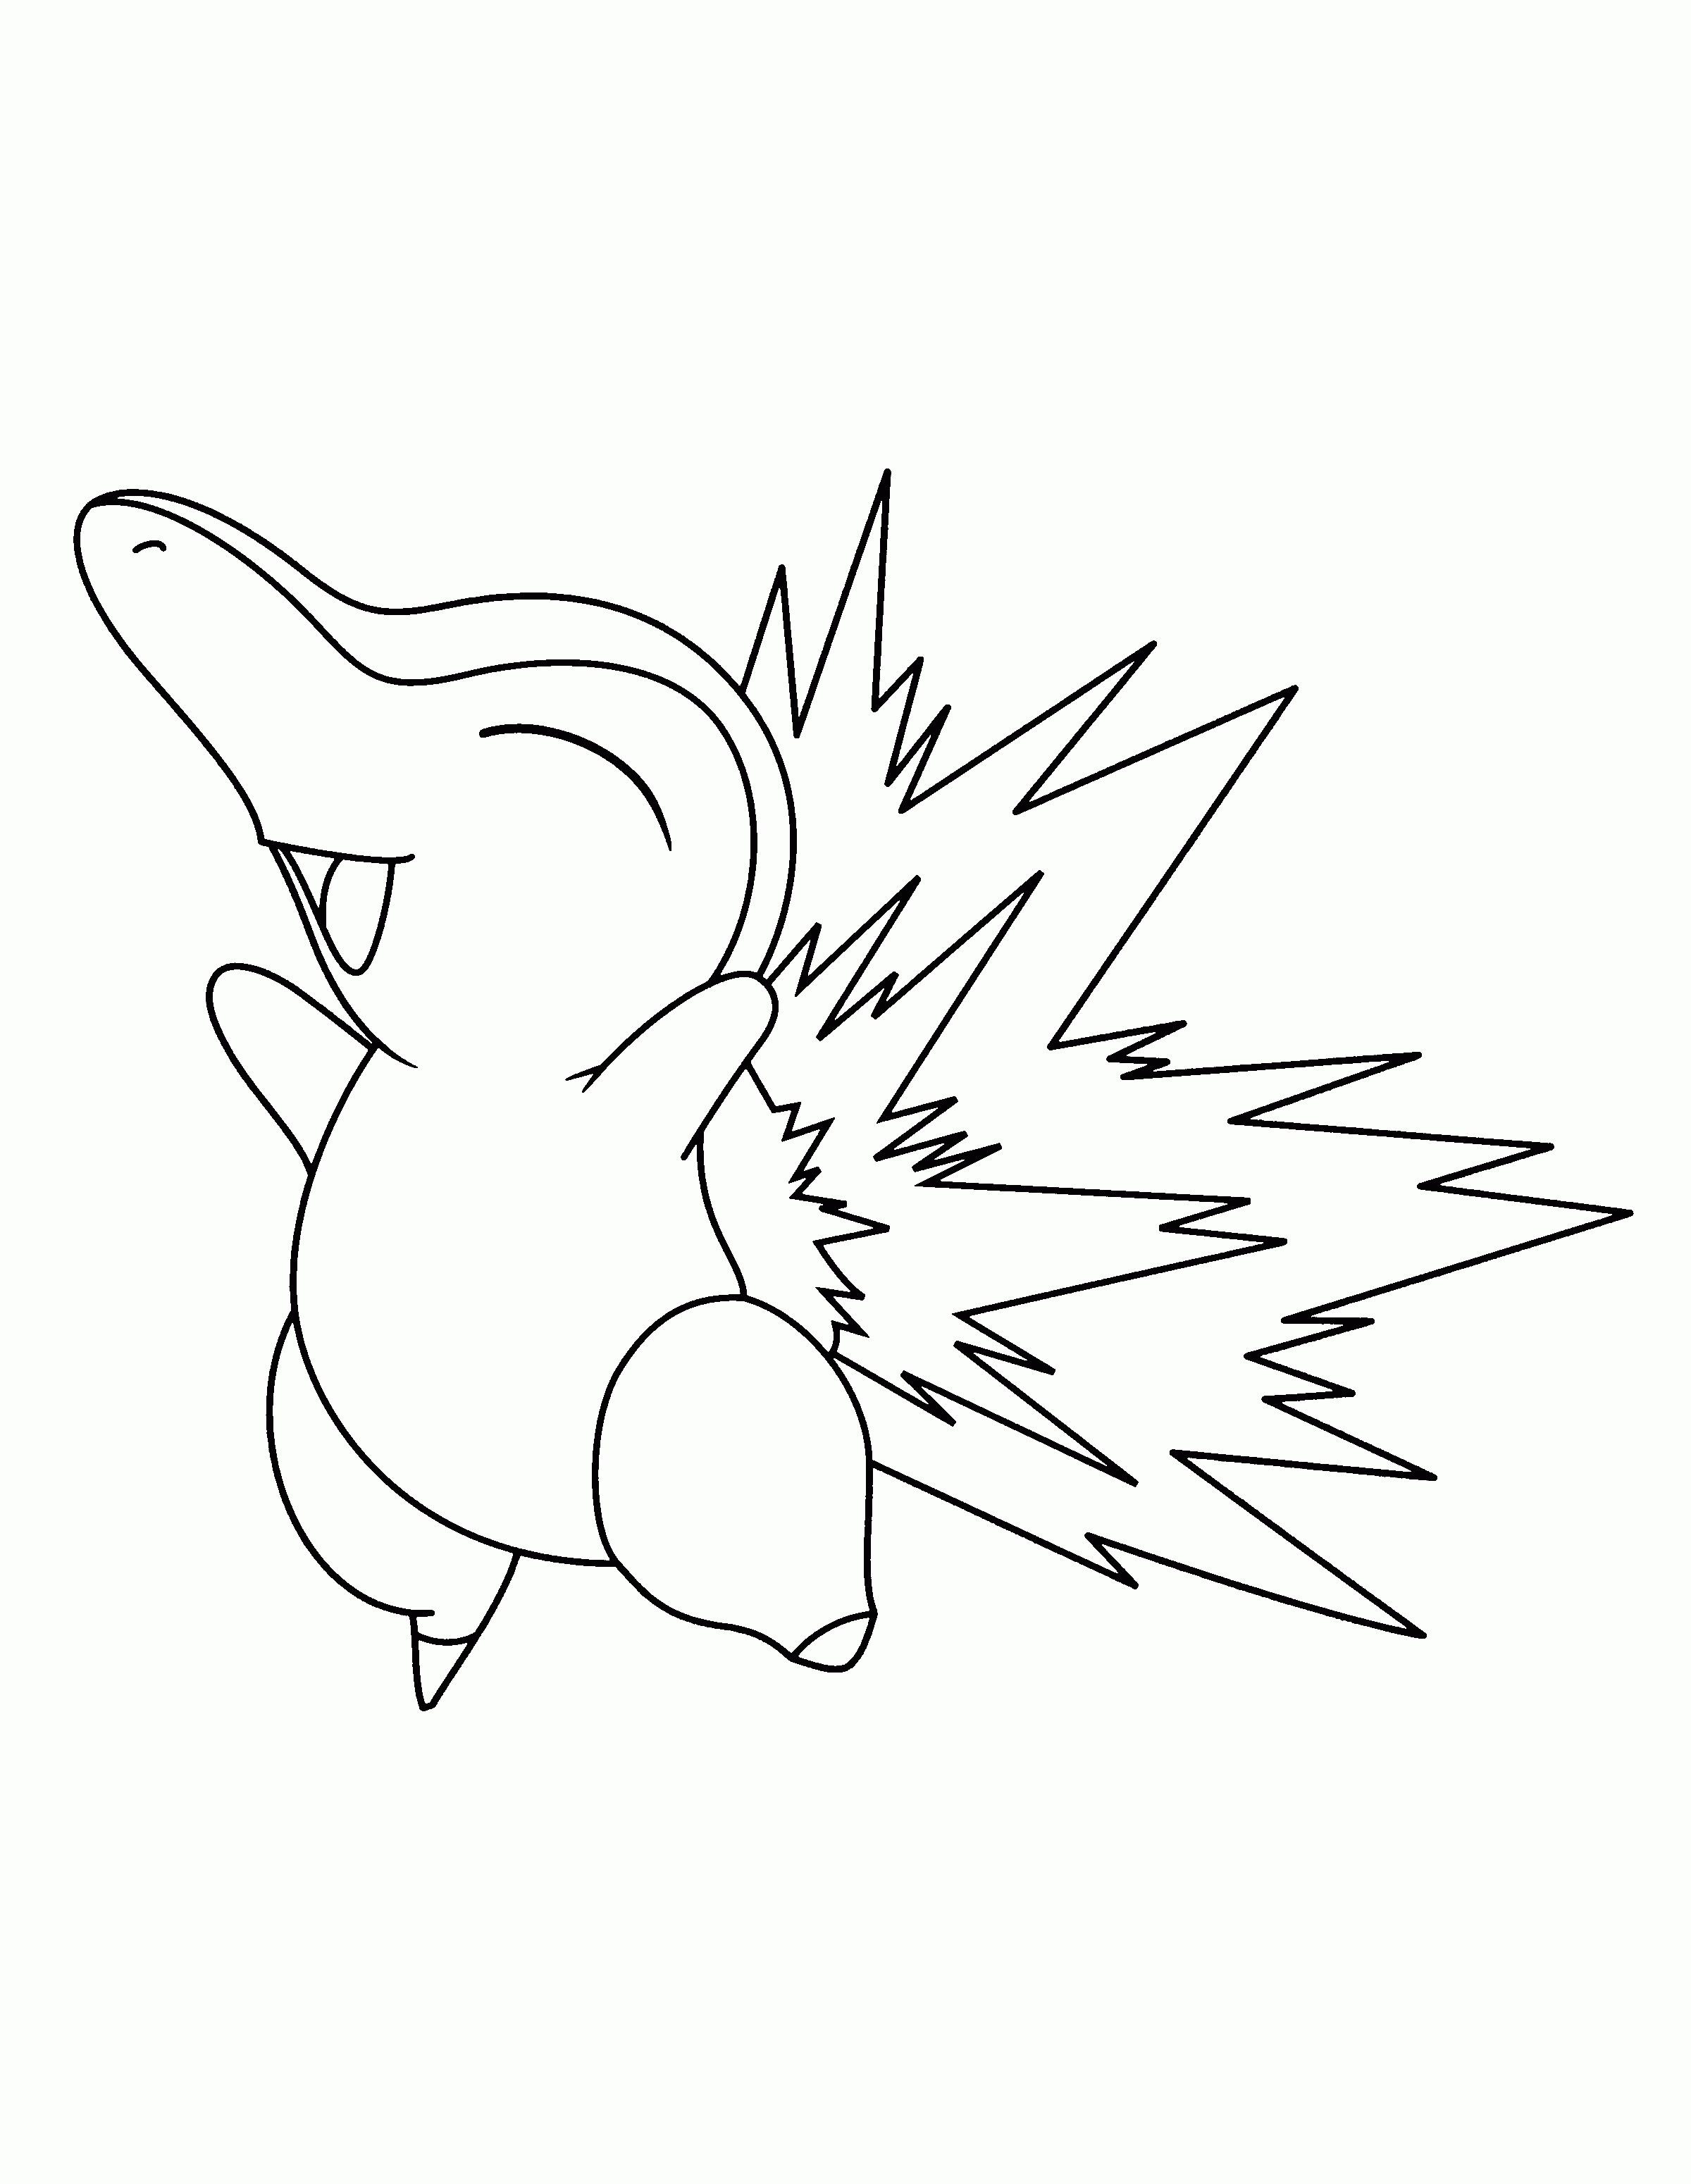 Pokemon Malvorlagen Zum Drucken Das Beste Von Malvorlagen Zum Ausdrucken Pokemon Sammlung